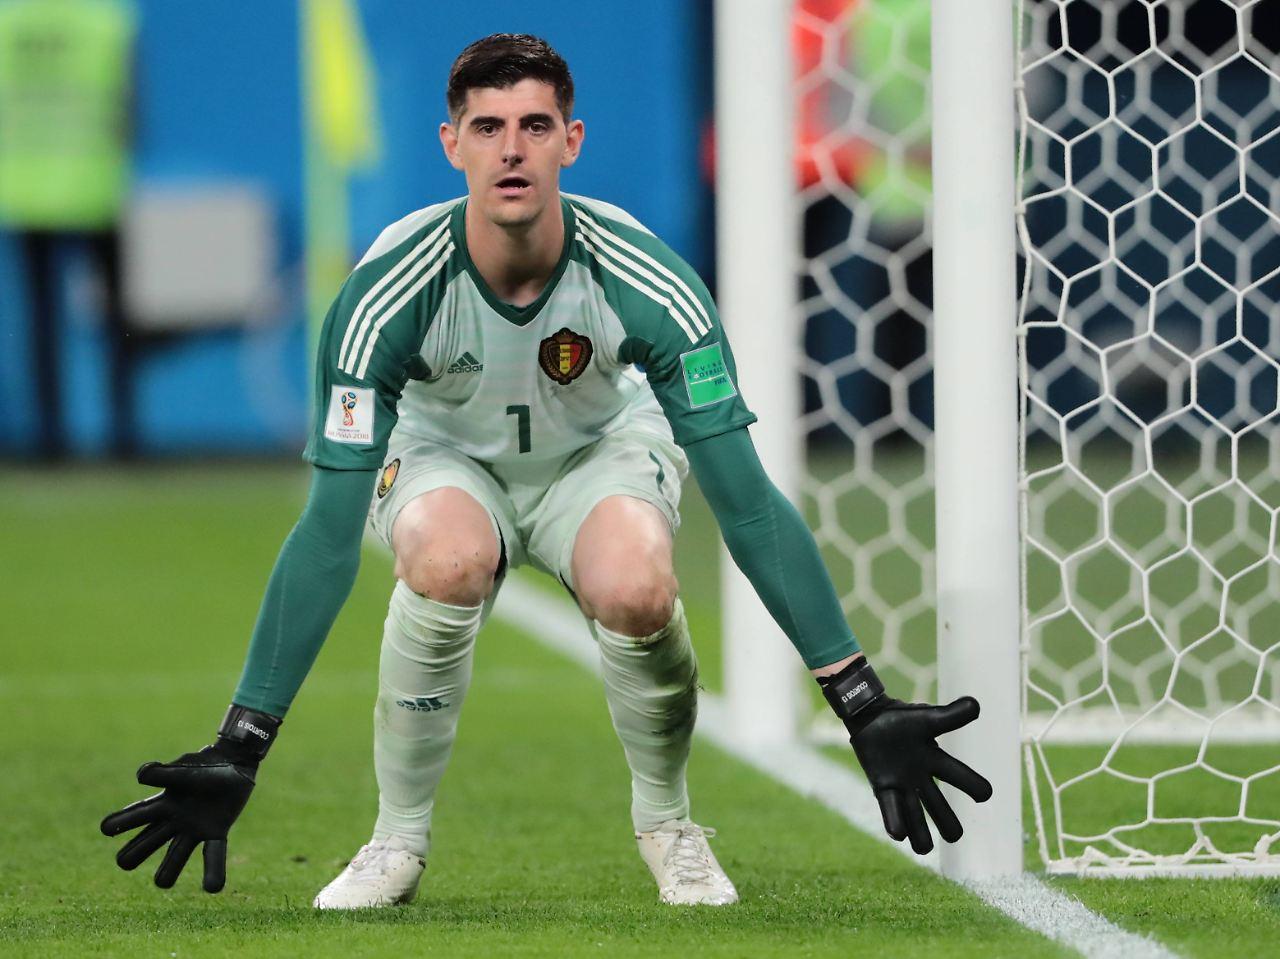 FIFA WM 2018: Kroatien zieht erstmals ins WM-Finale ein